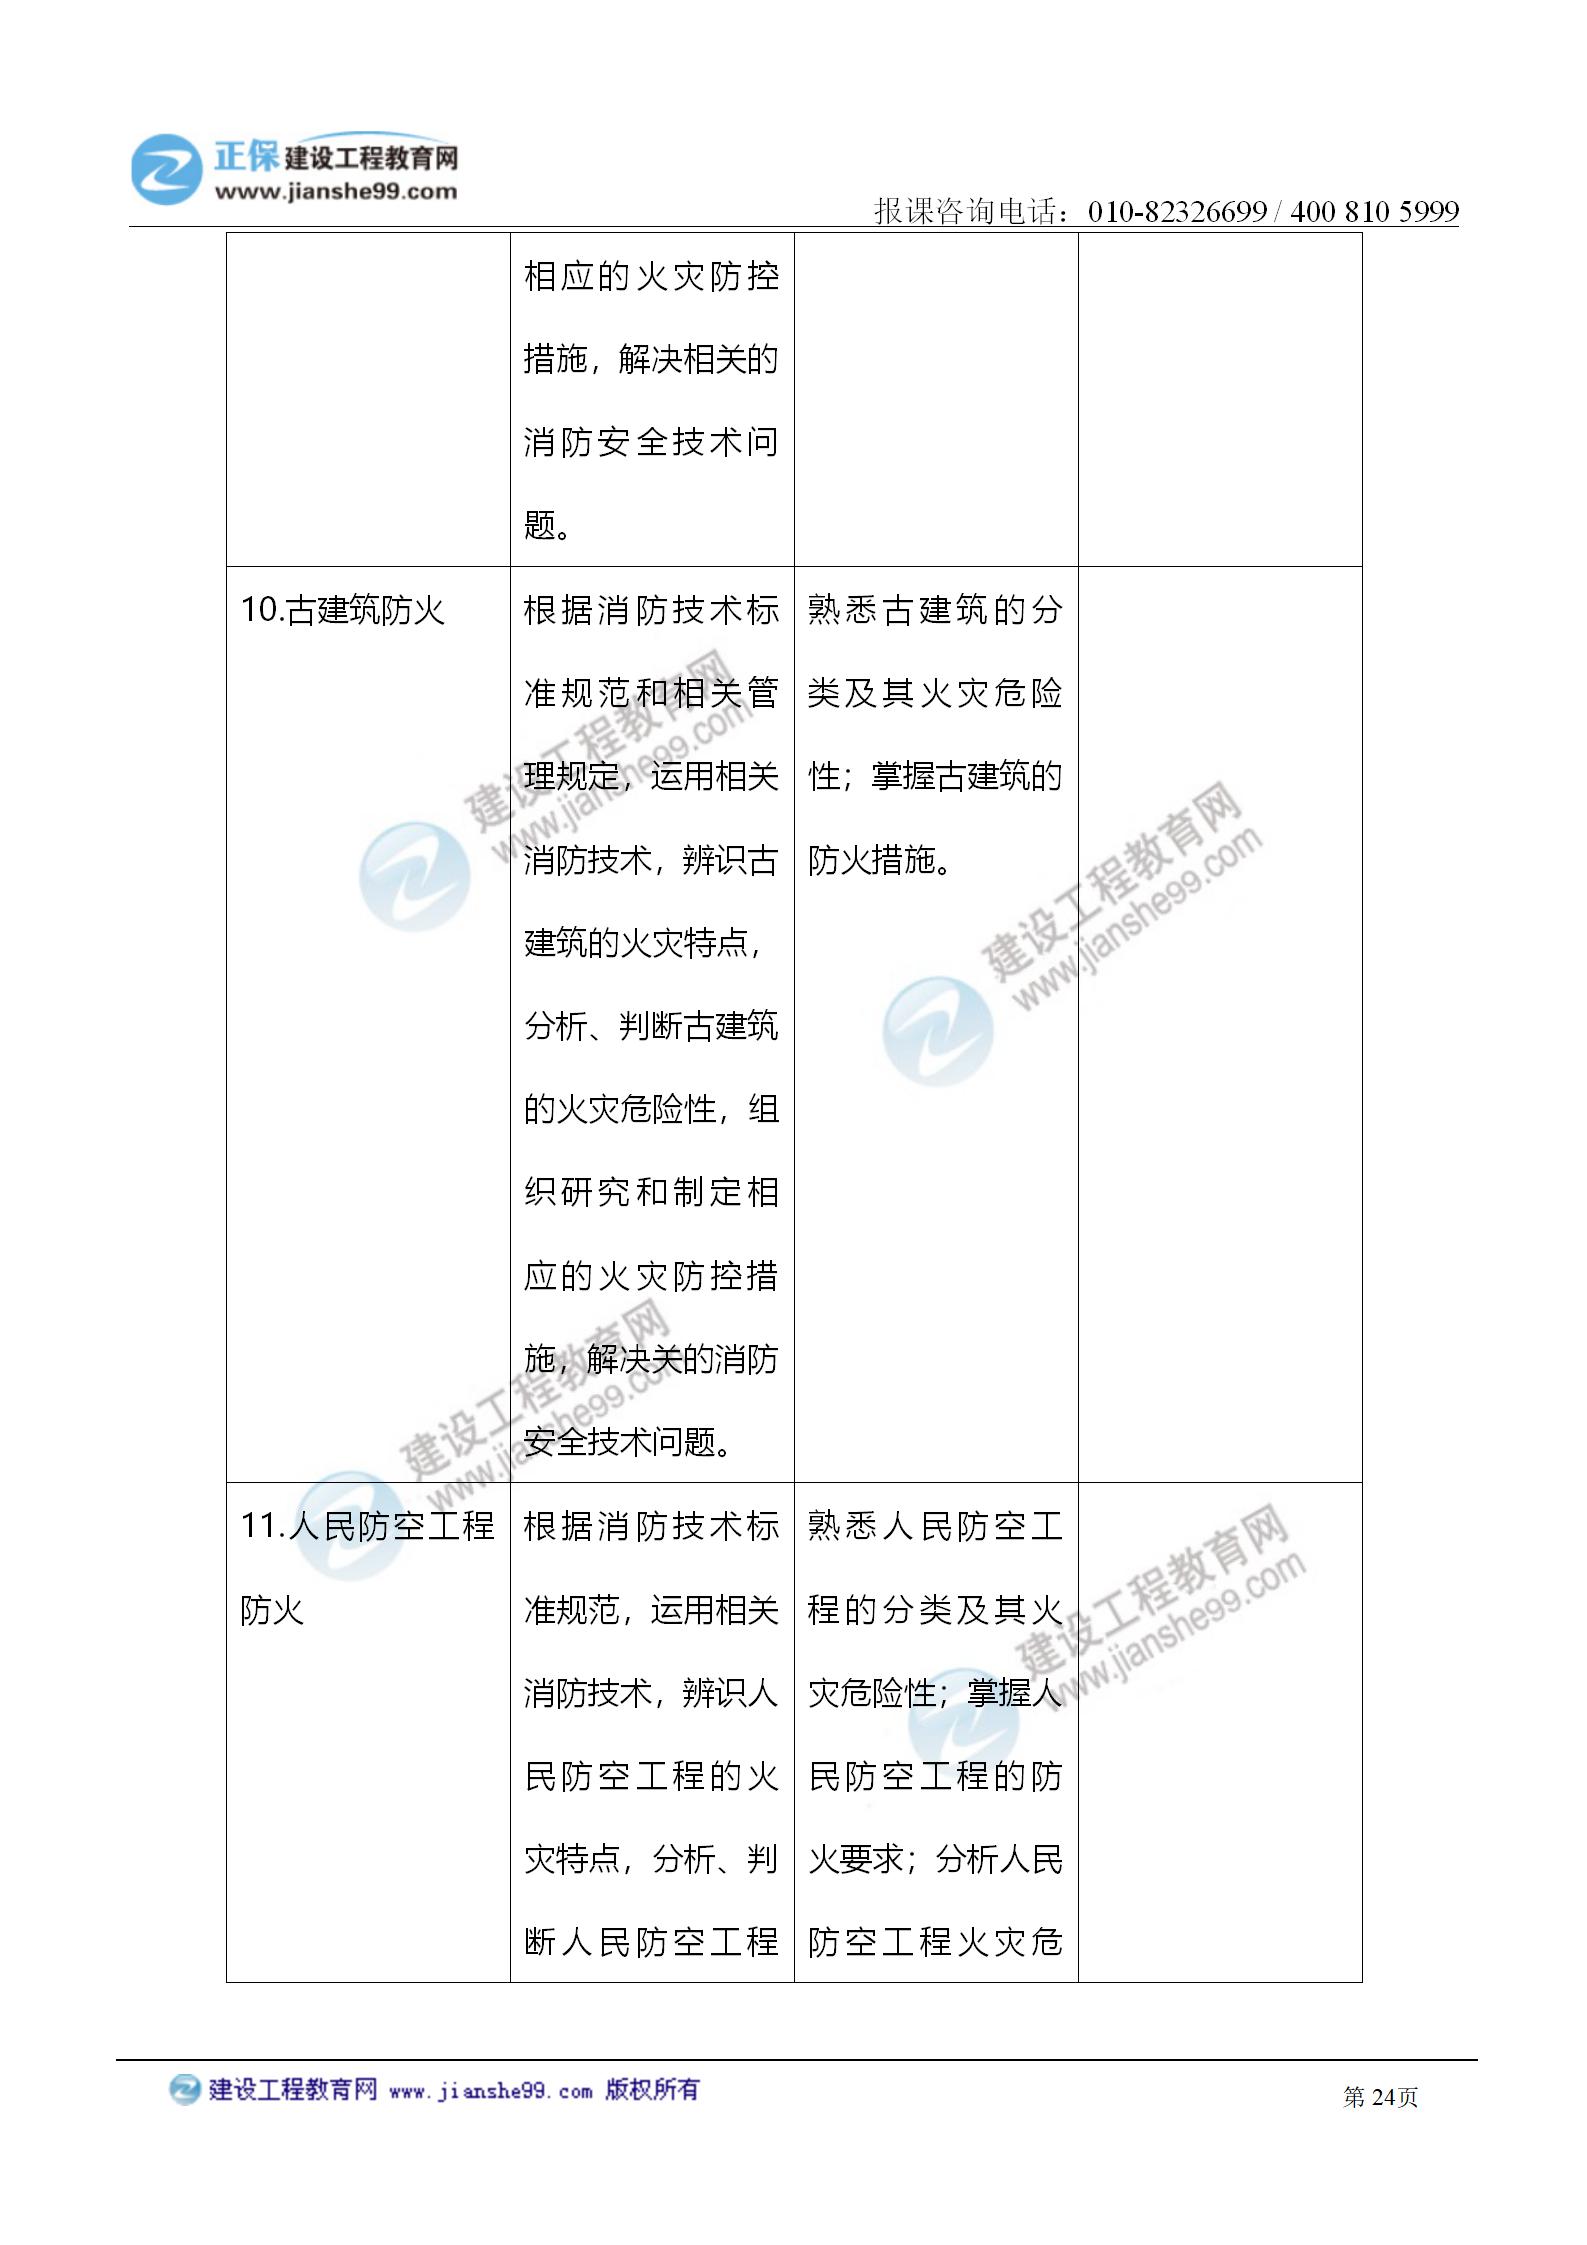 2021注册消防工程师《技术实务》考试大纲变化情况_24